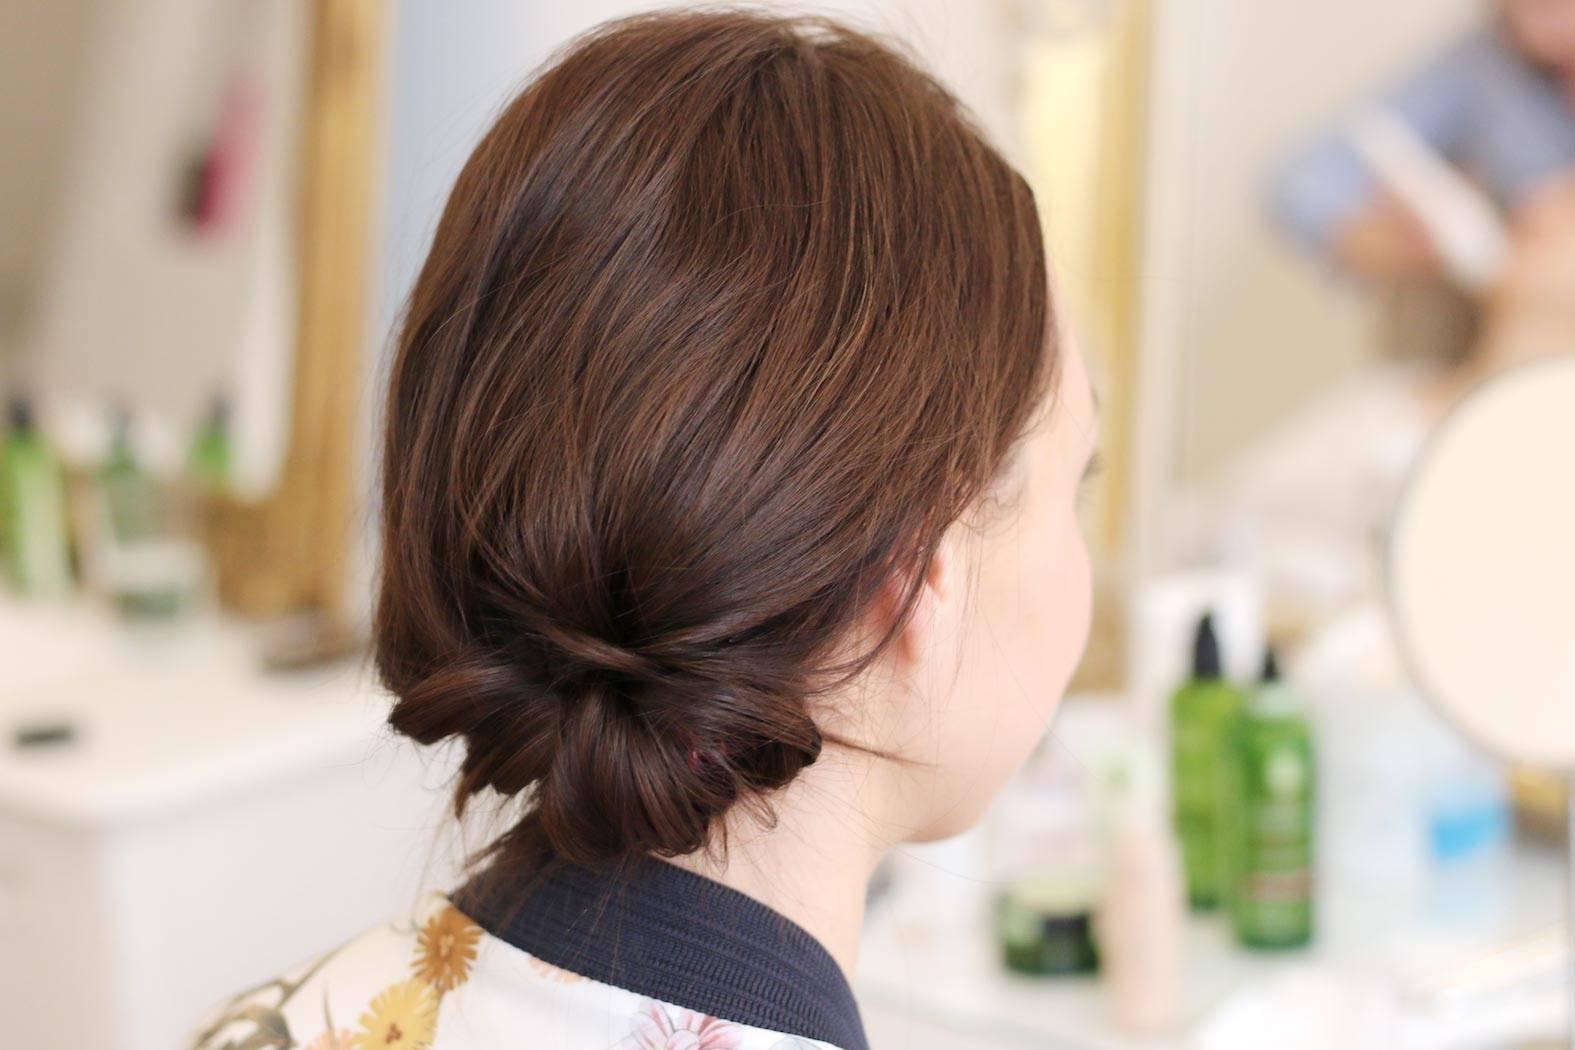 schlichte frisur fürs büro oder meetings erlernen im business hairstyling workshop